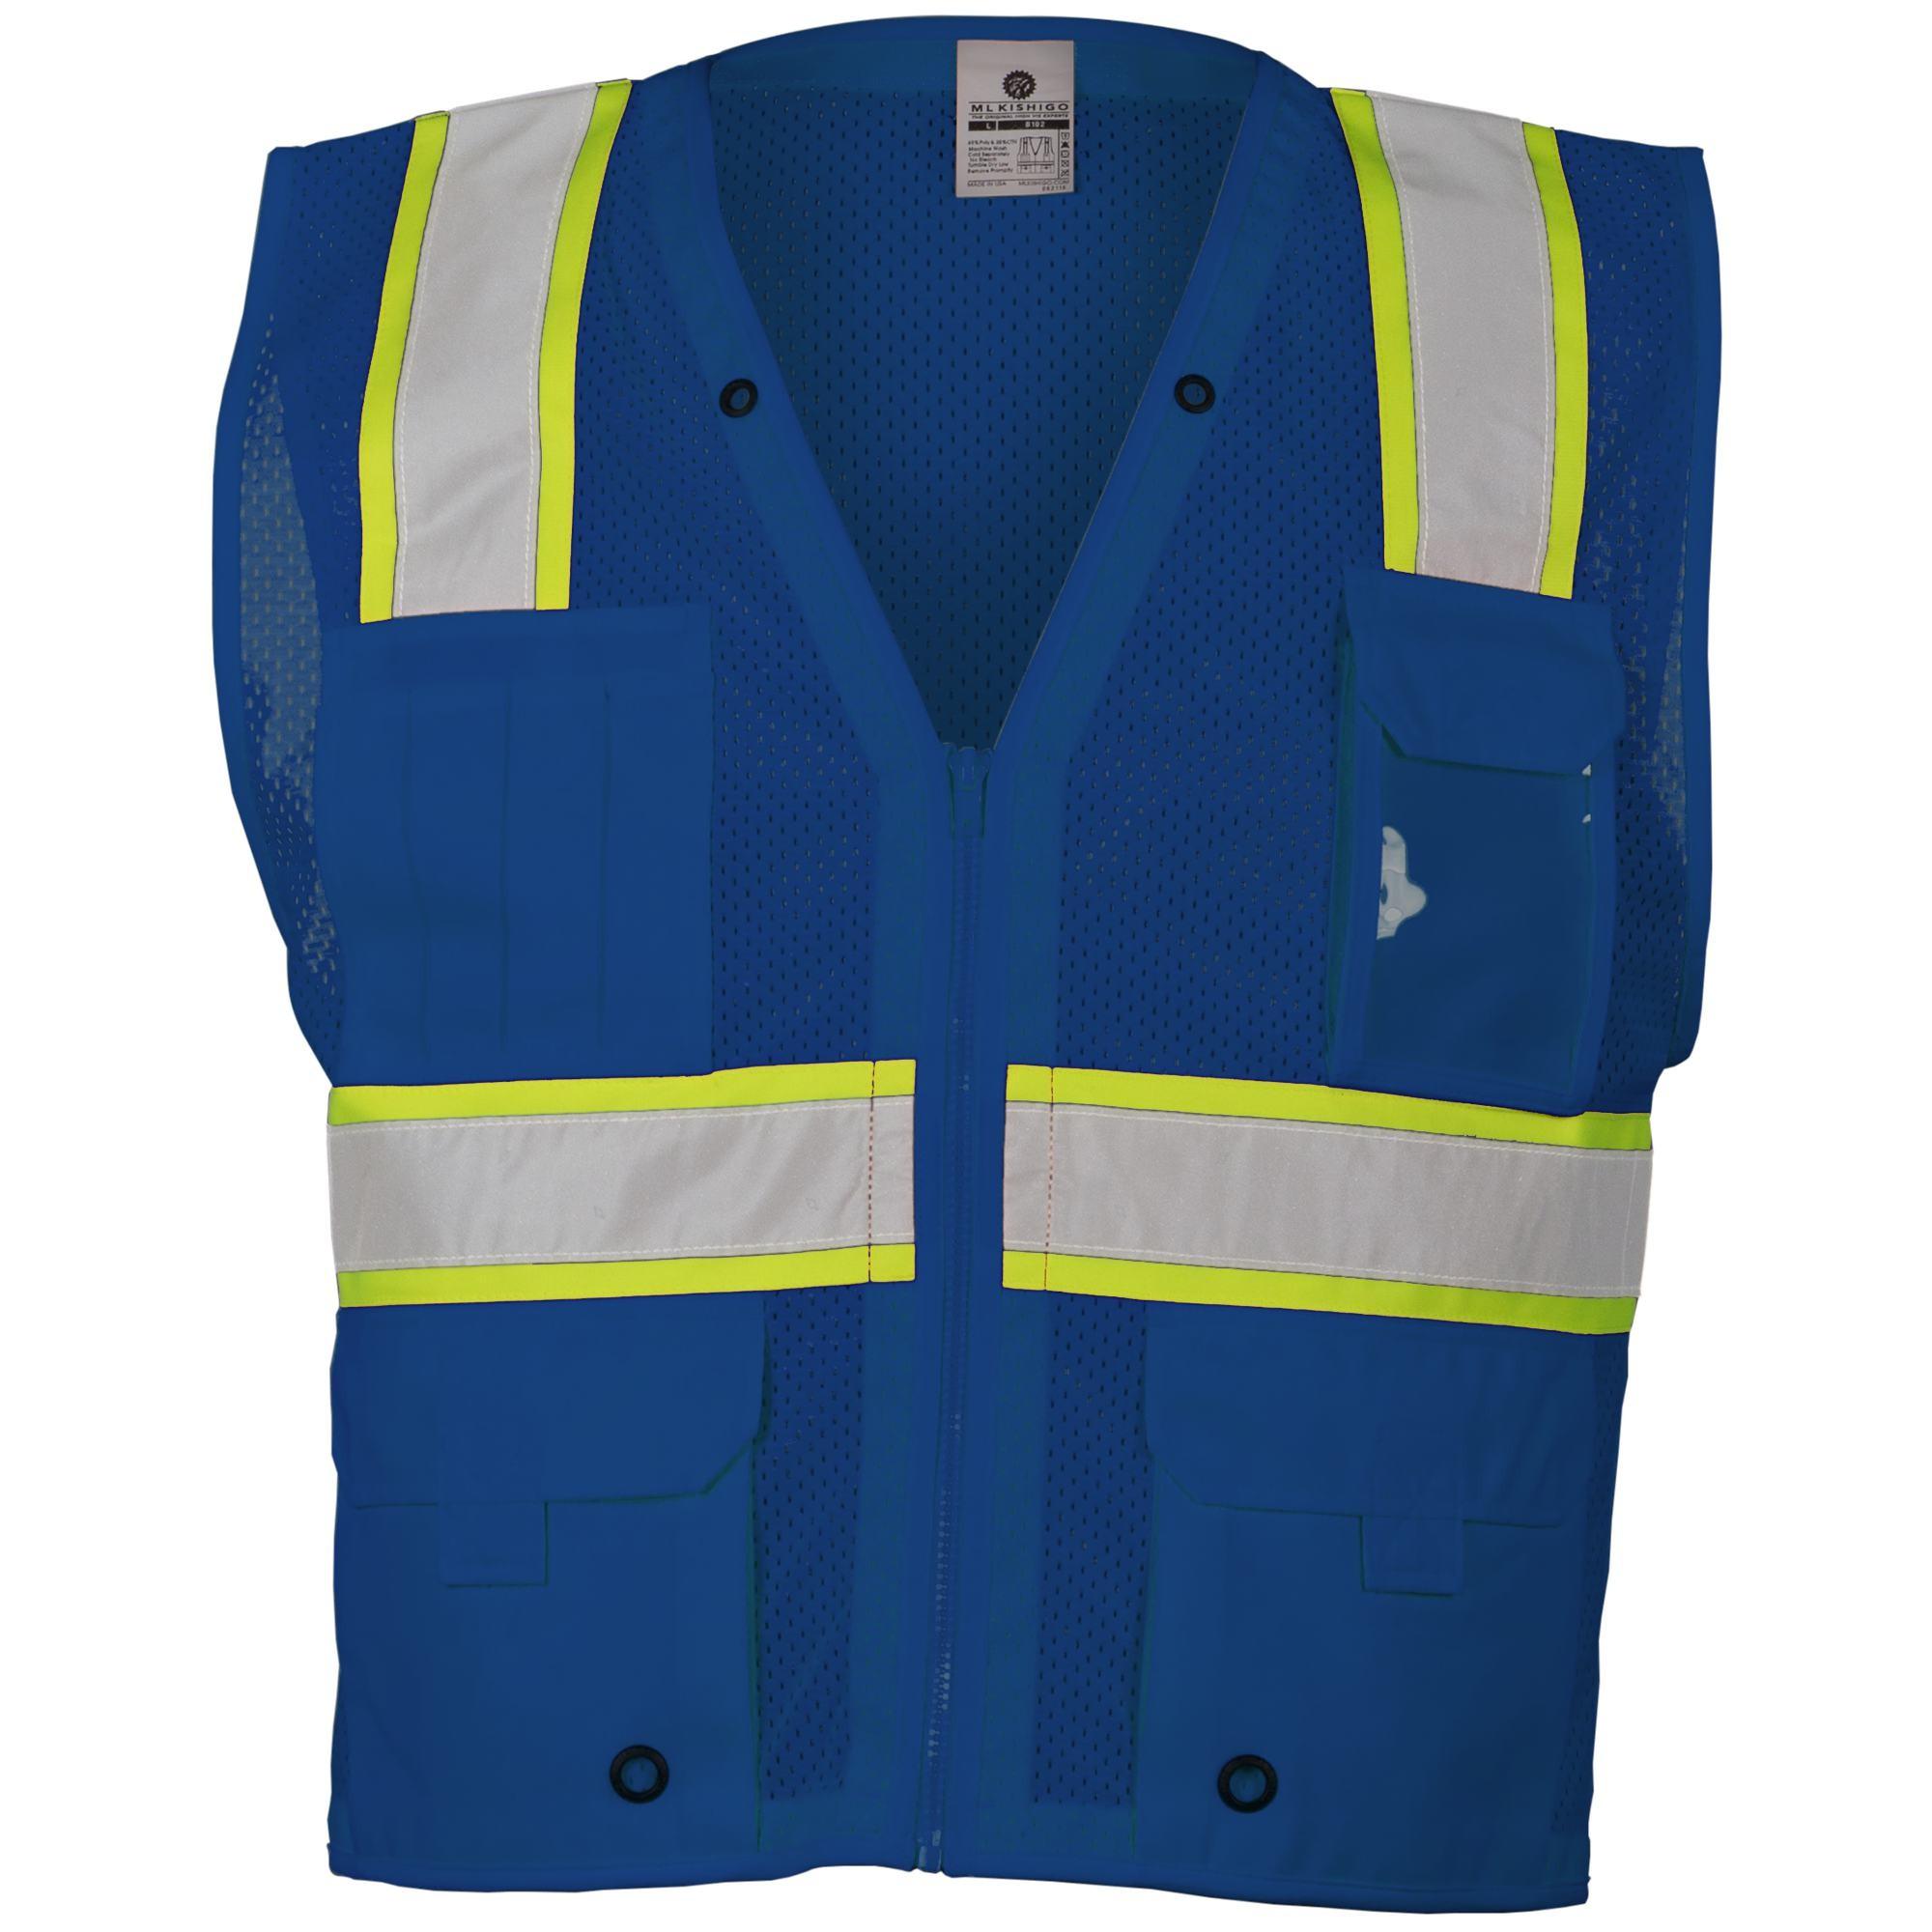 Ml Kishigo B102 Enhanced Visibility Multi Pocket Mesh Vest